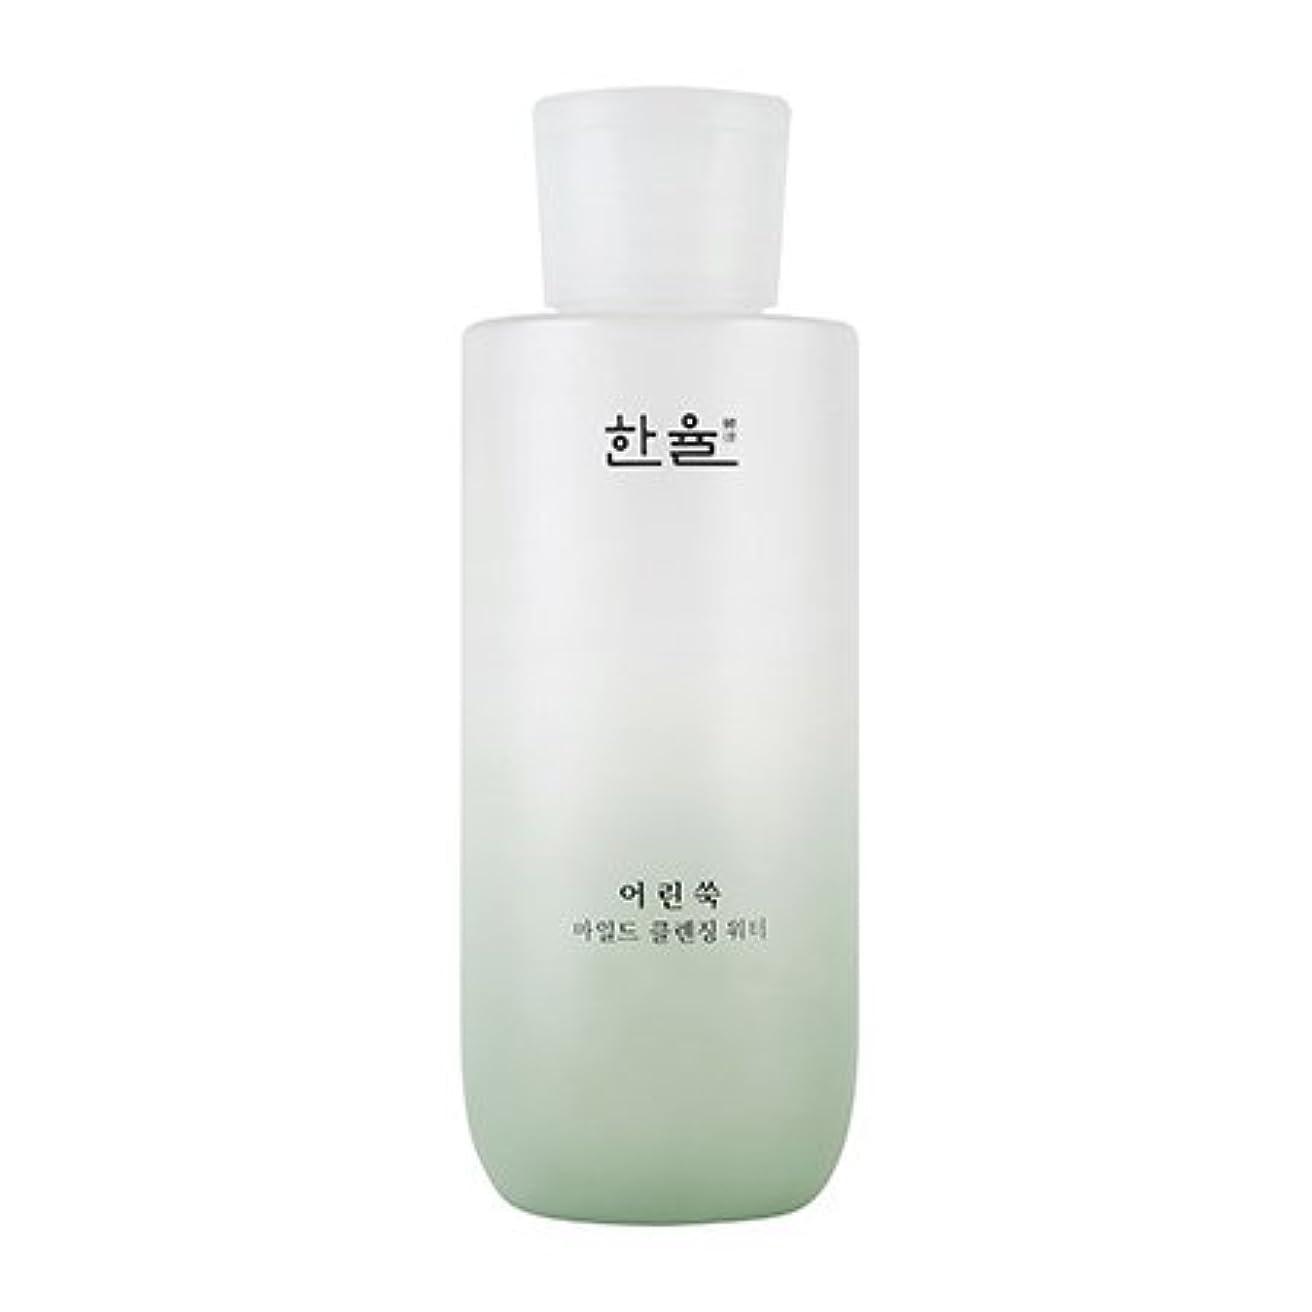 リルアラブ教義HANYUL Pure Artemisia Mild Cleansing Water 300ml / ハンユル ピュアアルテミシアマイルド クレンジングウォーター 300ml [並行輸入品]